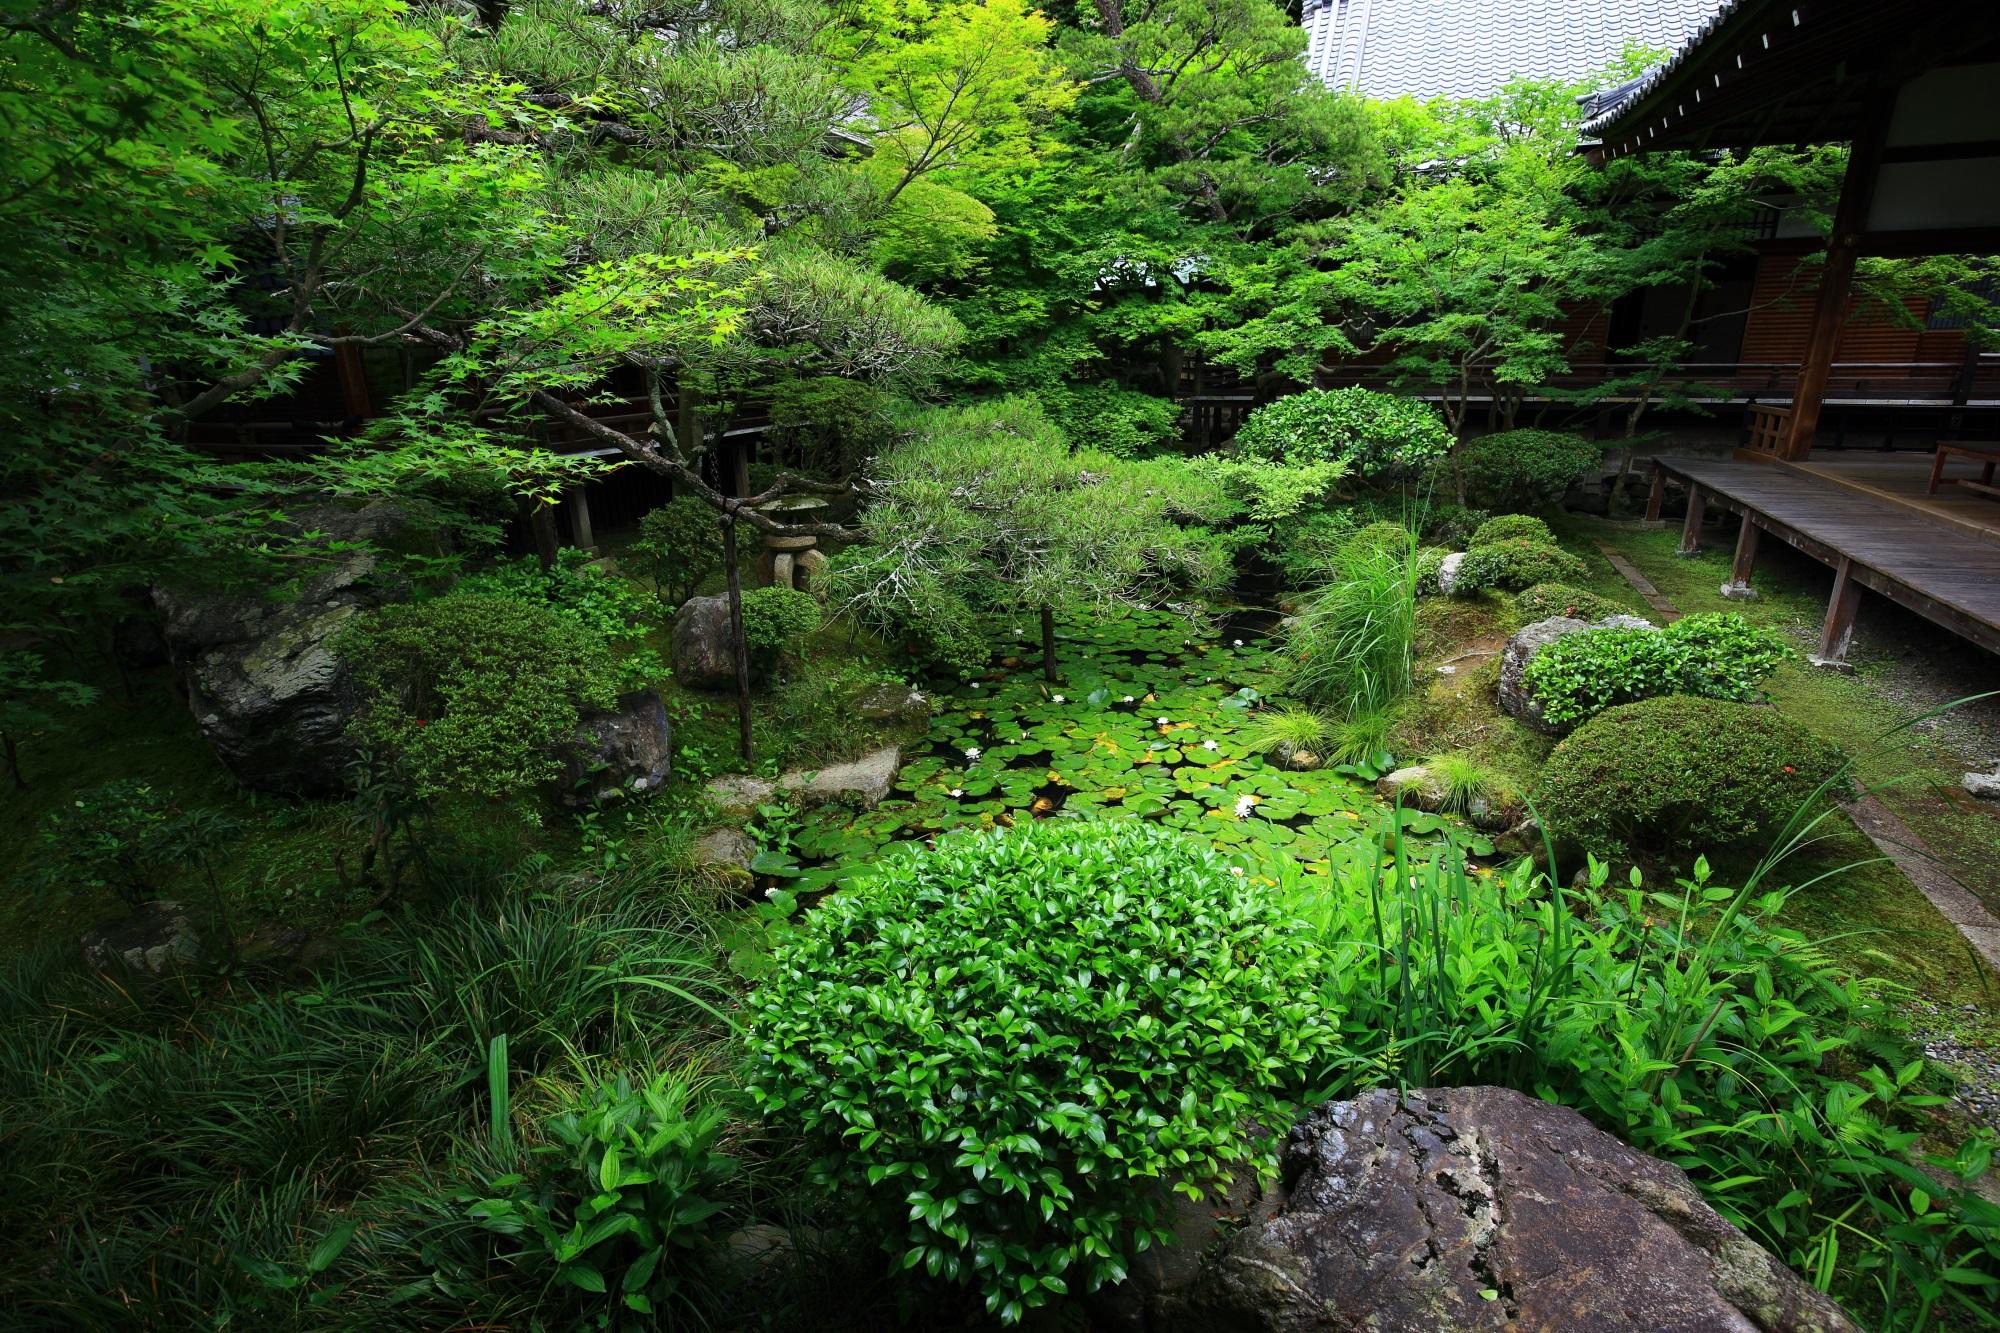 永観堂の池泉式庭園の方丈北庭